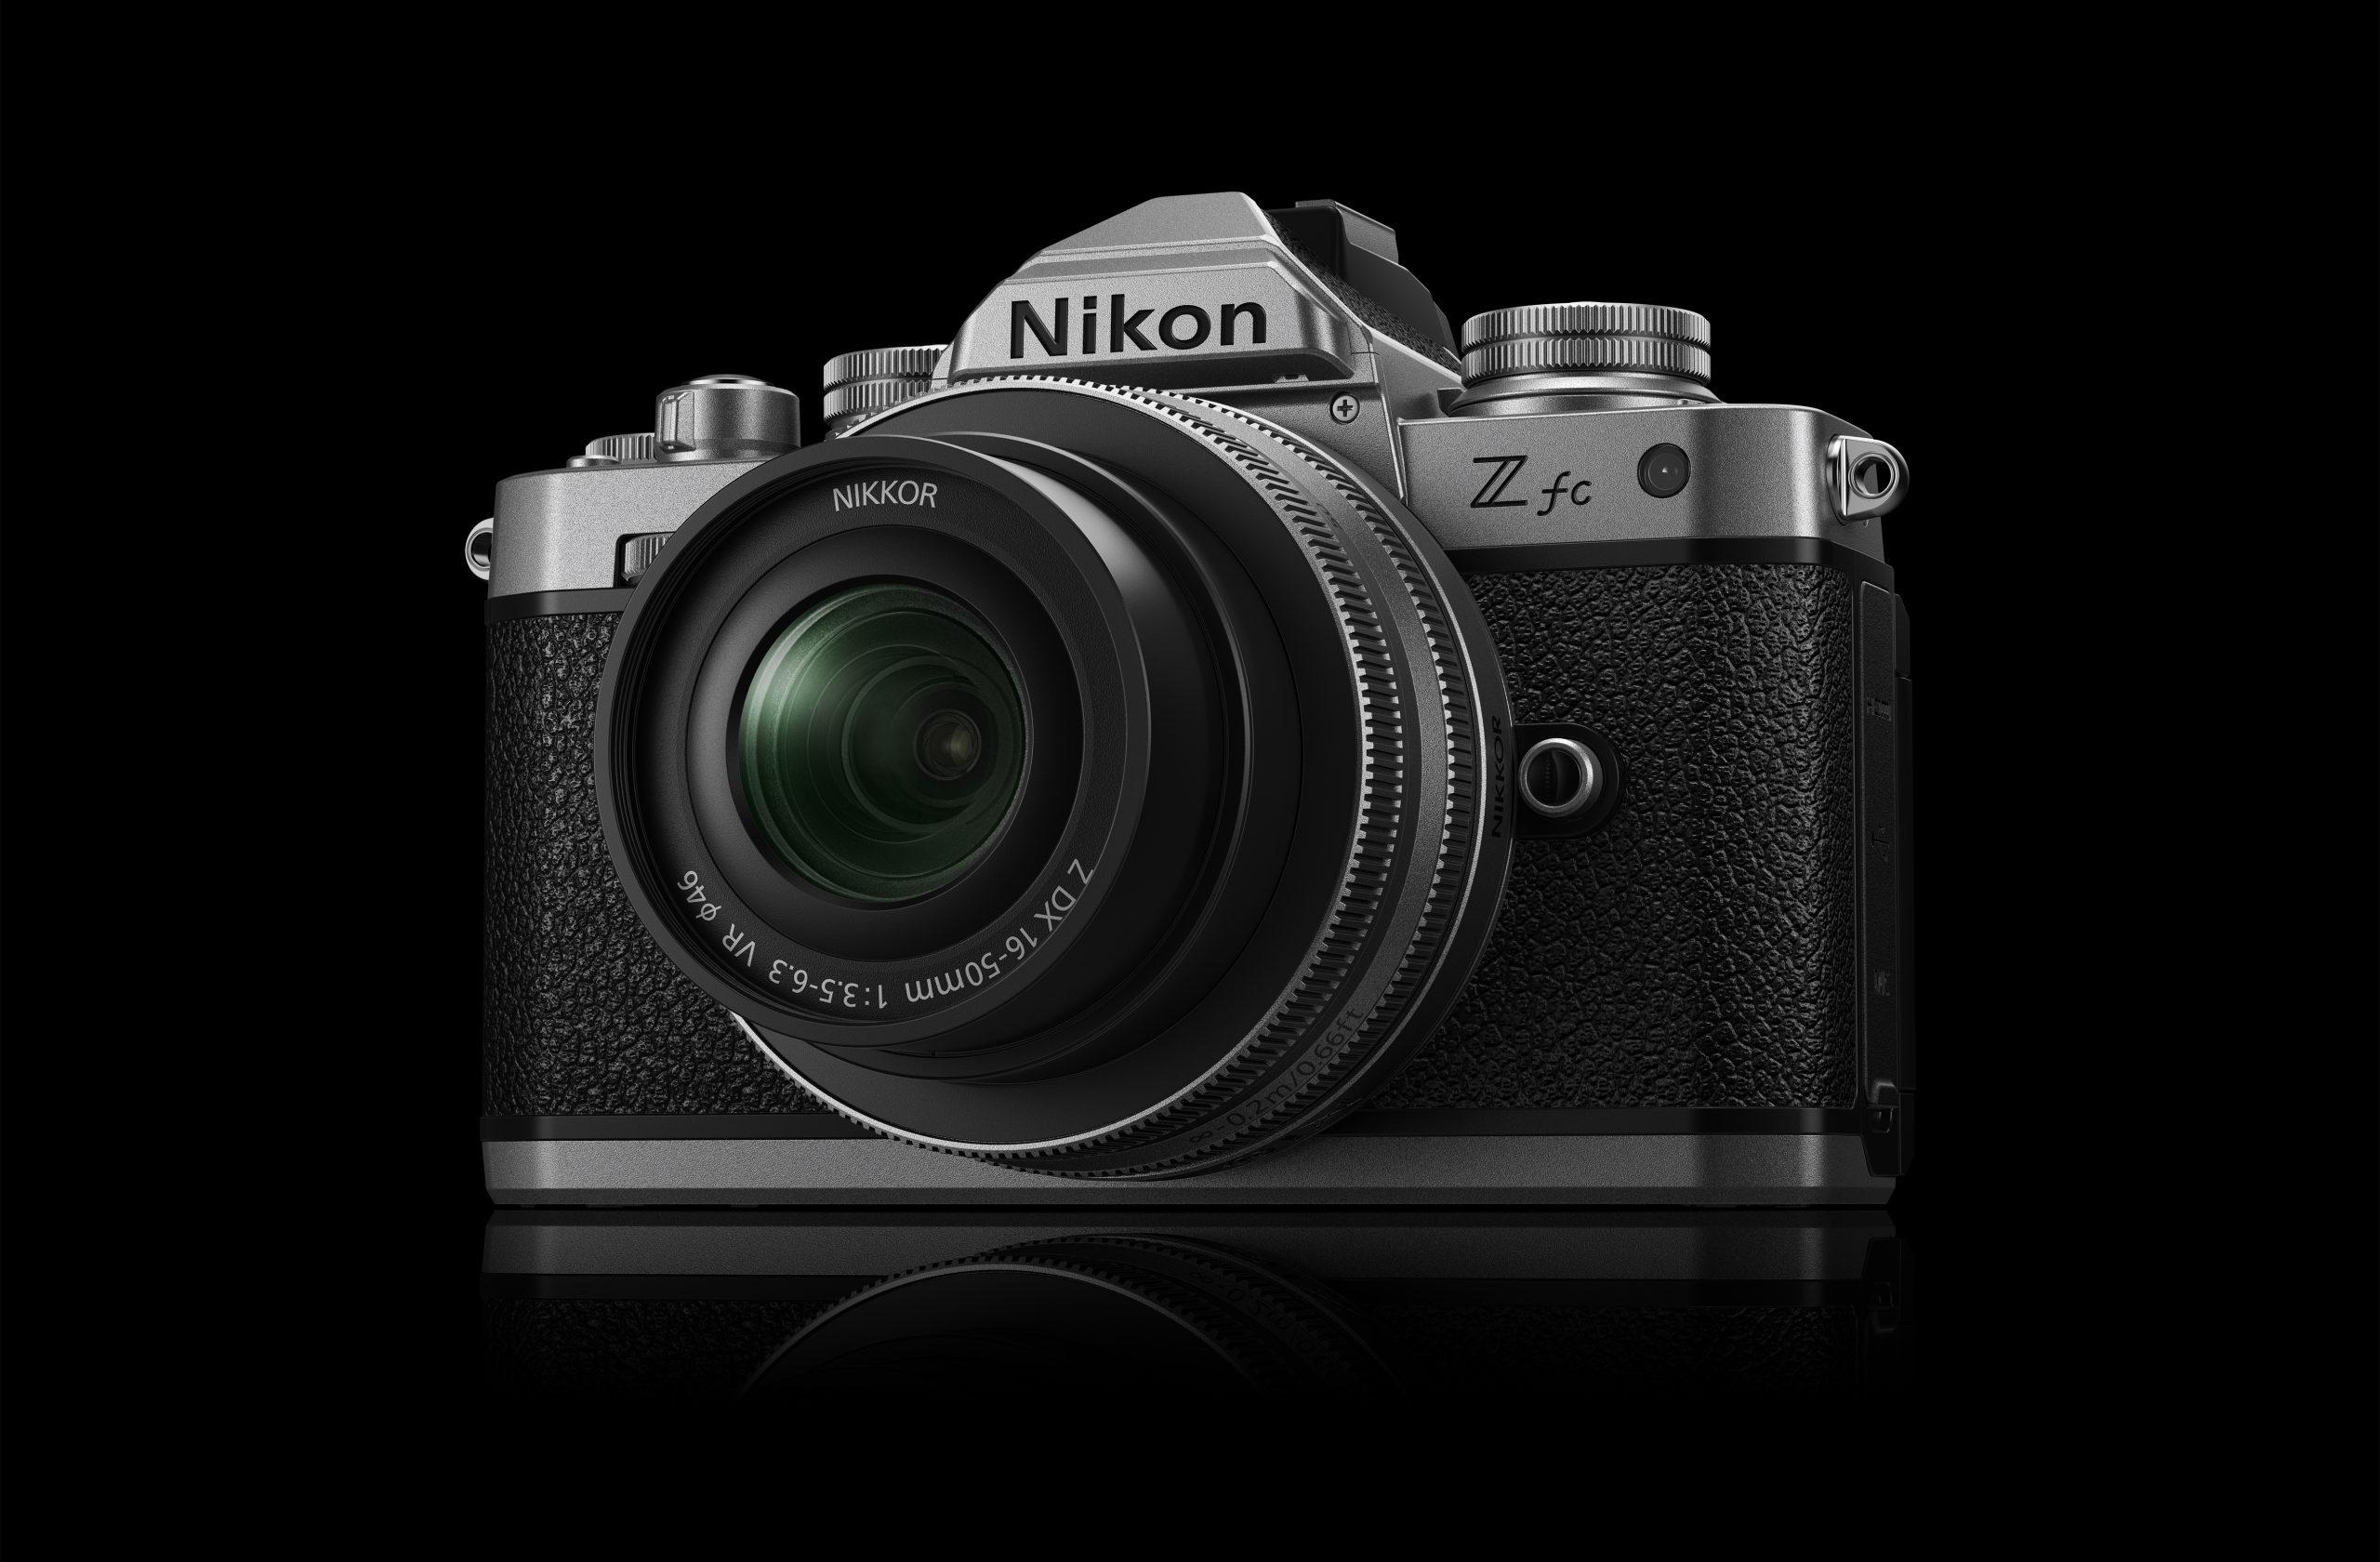 【Nikon】Z fc発売決定!!【ご予約受付中】